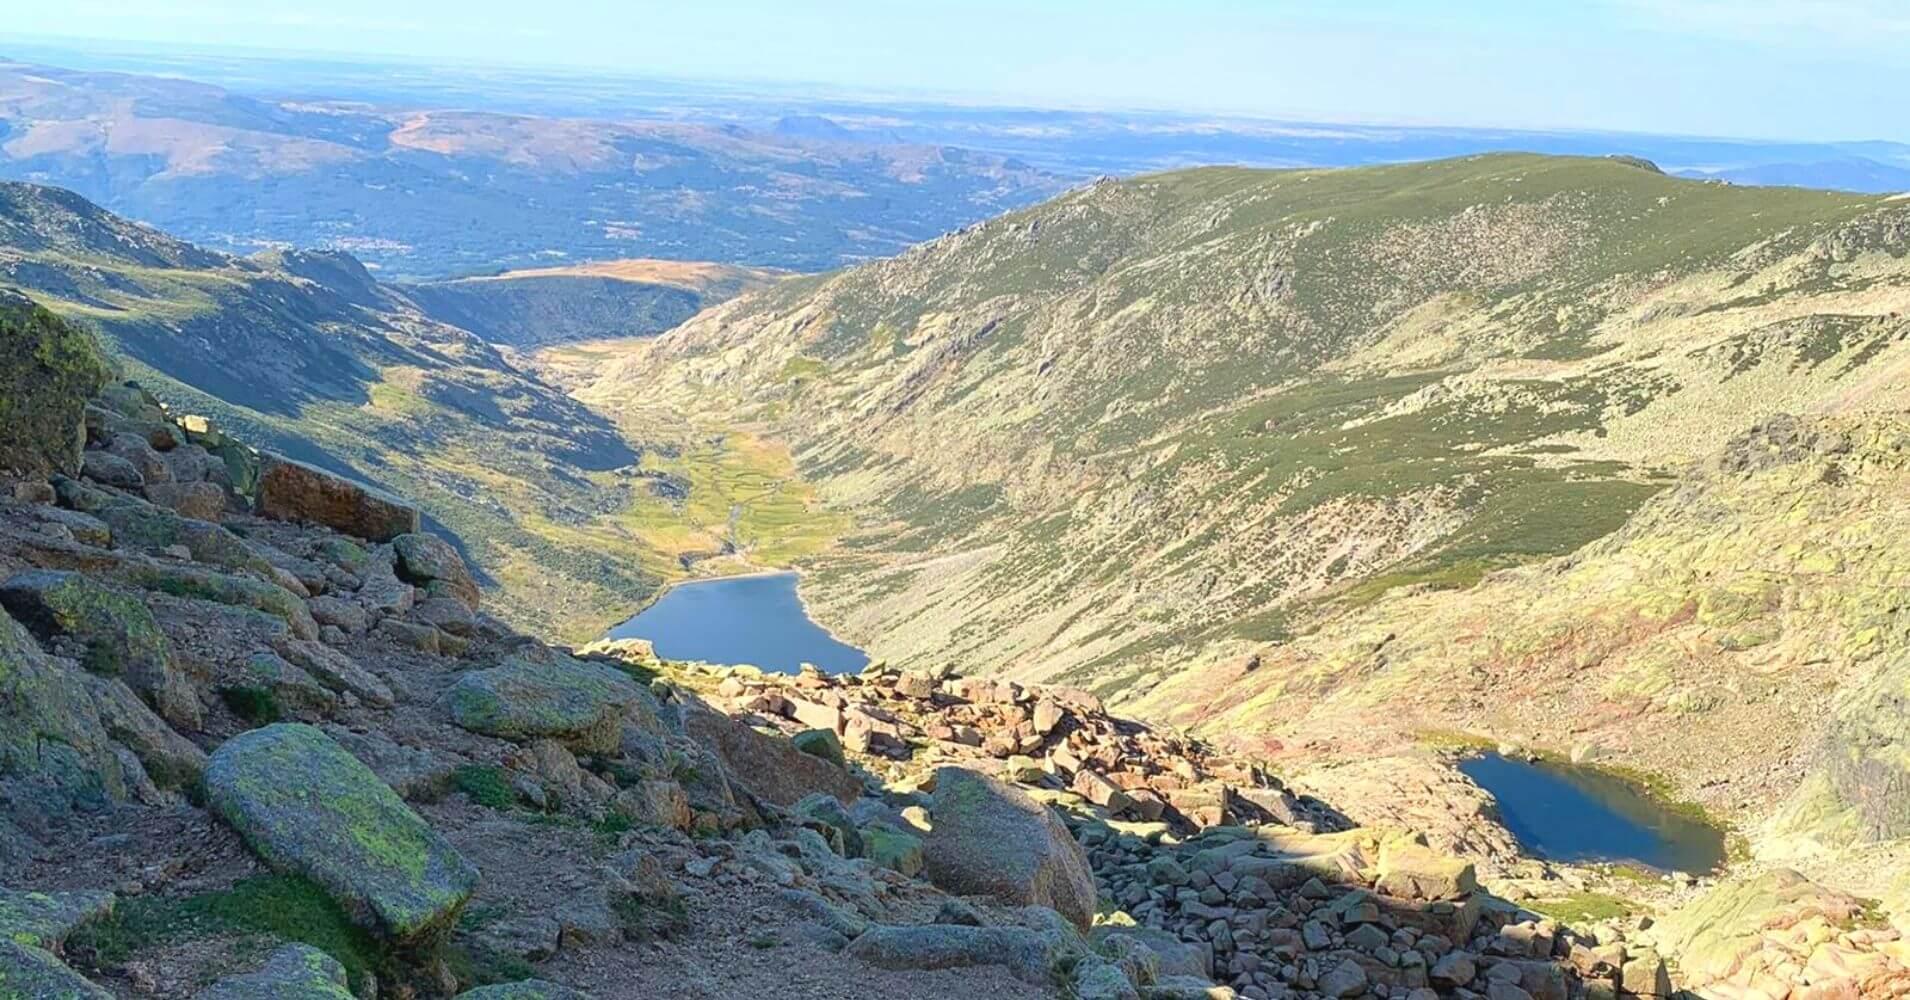 Laguna del Barco y Laguna Cuadrada. Garganta de Galín Gómez. Sierra de Gredos. Ávila. Castilla y León.